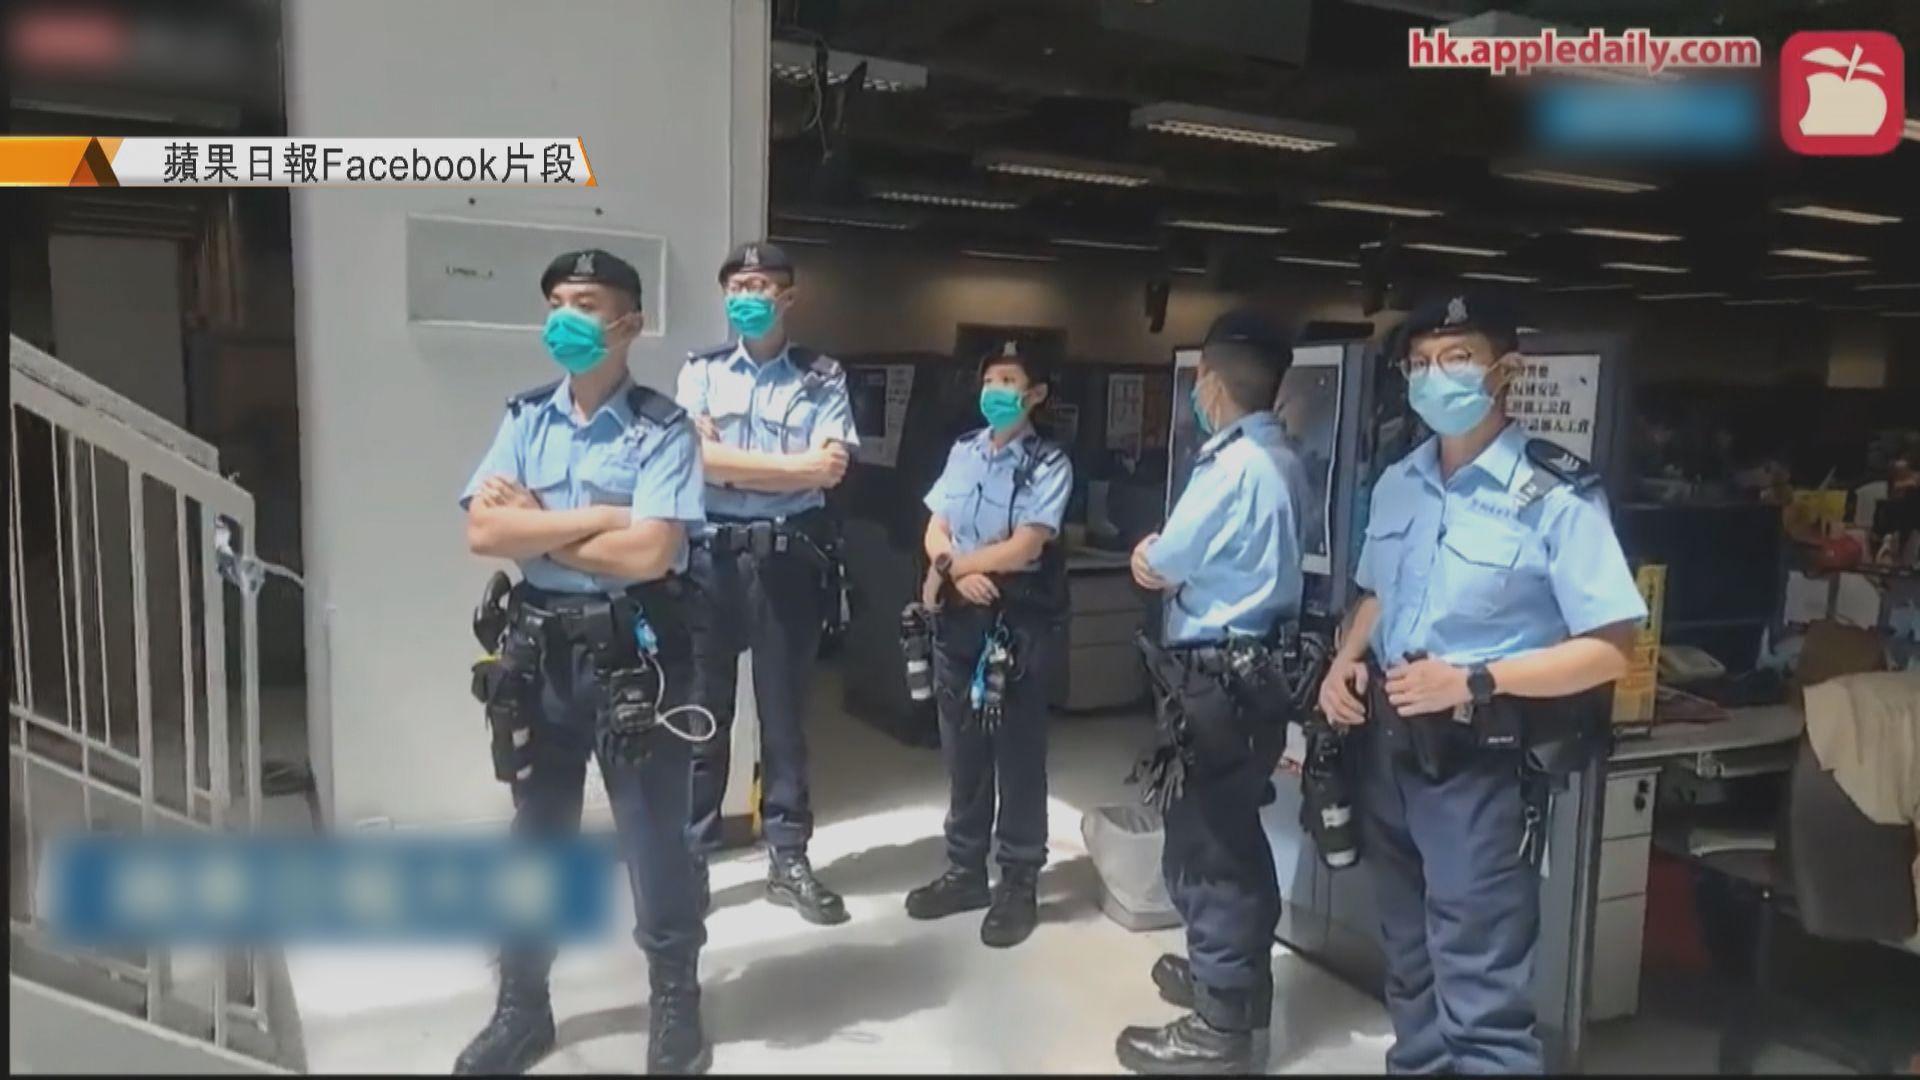 壹傳媒工會:報館高層未見手令警已入場不理想